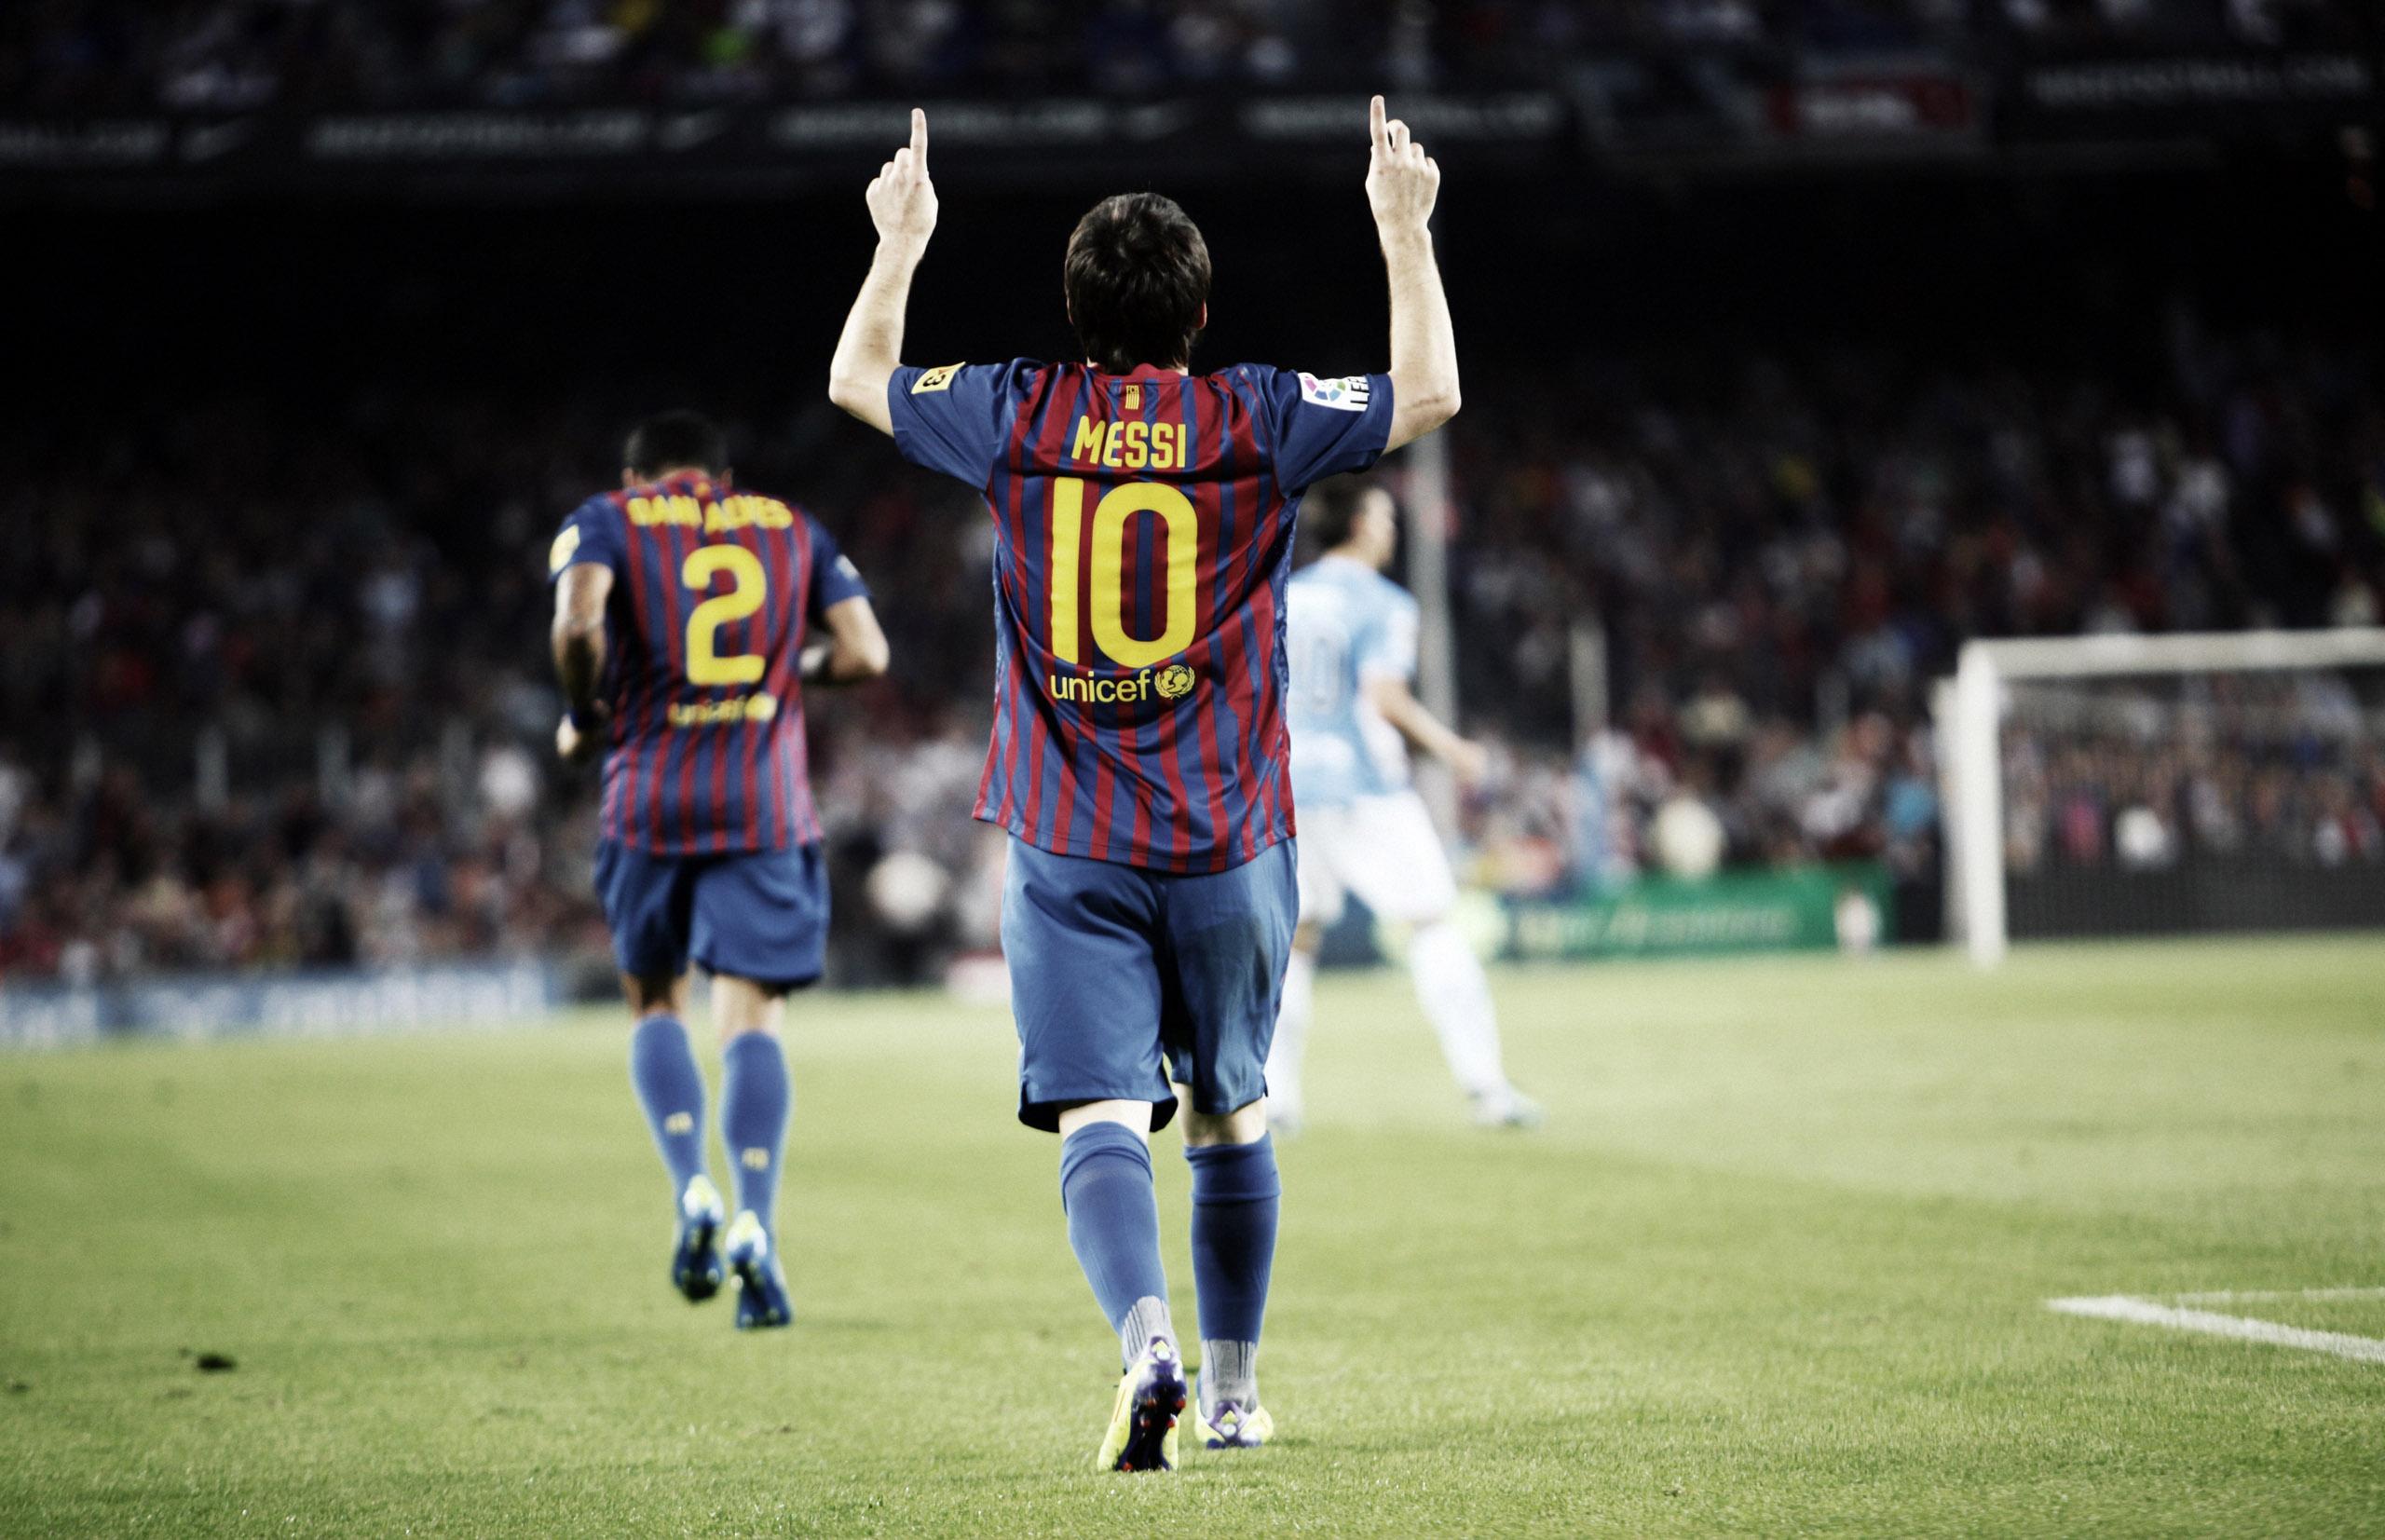 Картинки Барселоны футбола - самые прикольные и красивые 1